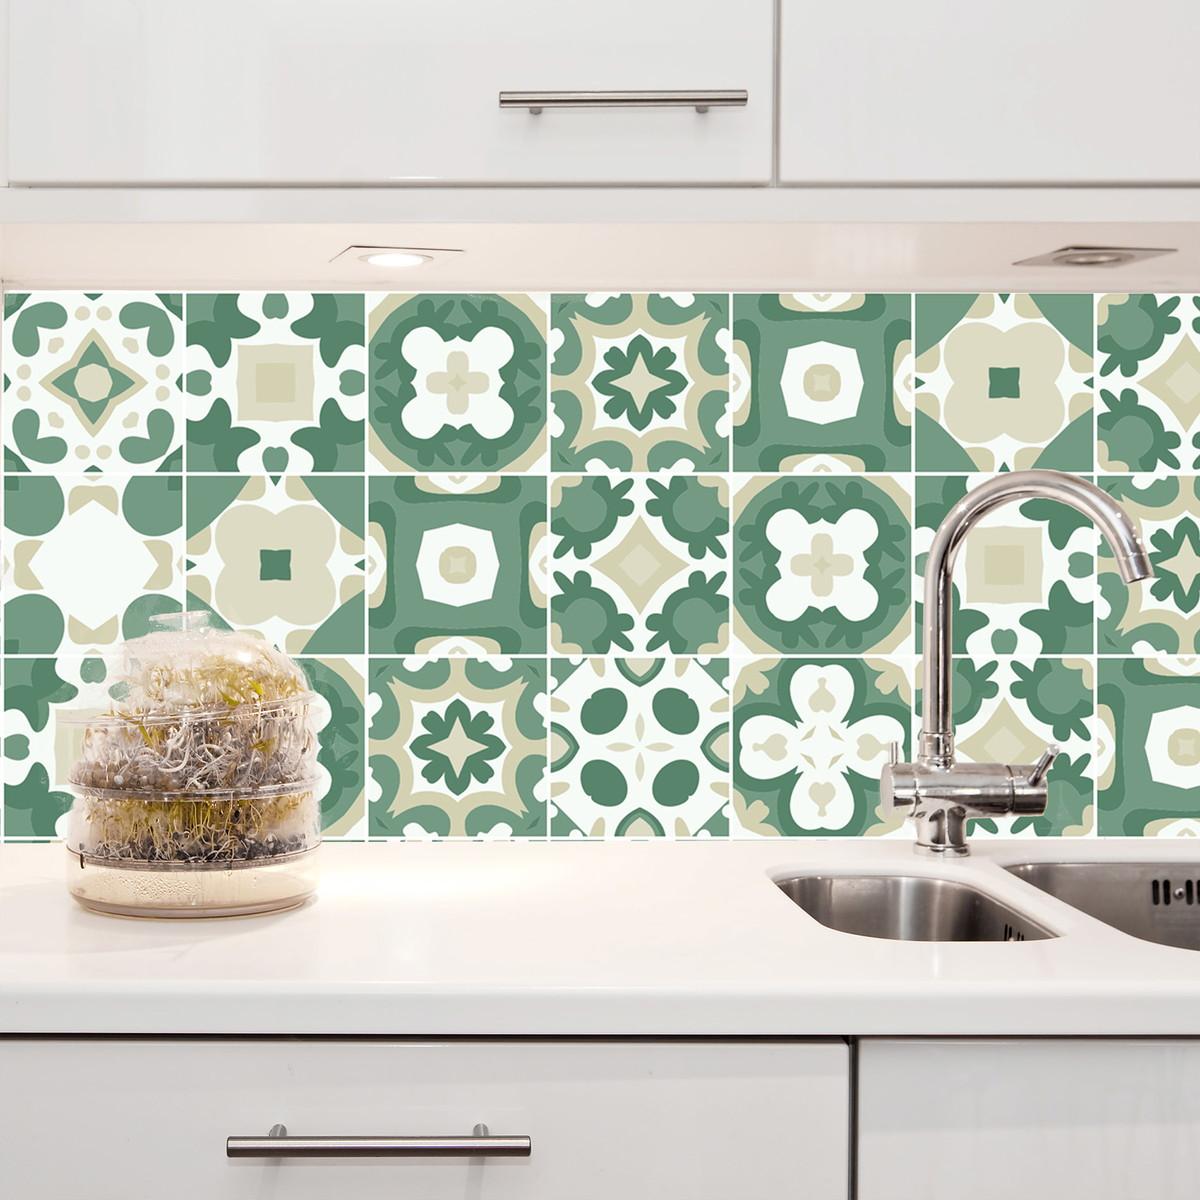 Adesivo de azulejo 10x10 100un verde conde no elo7 for Azulejos conde